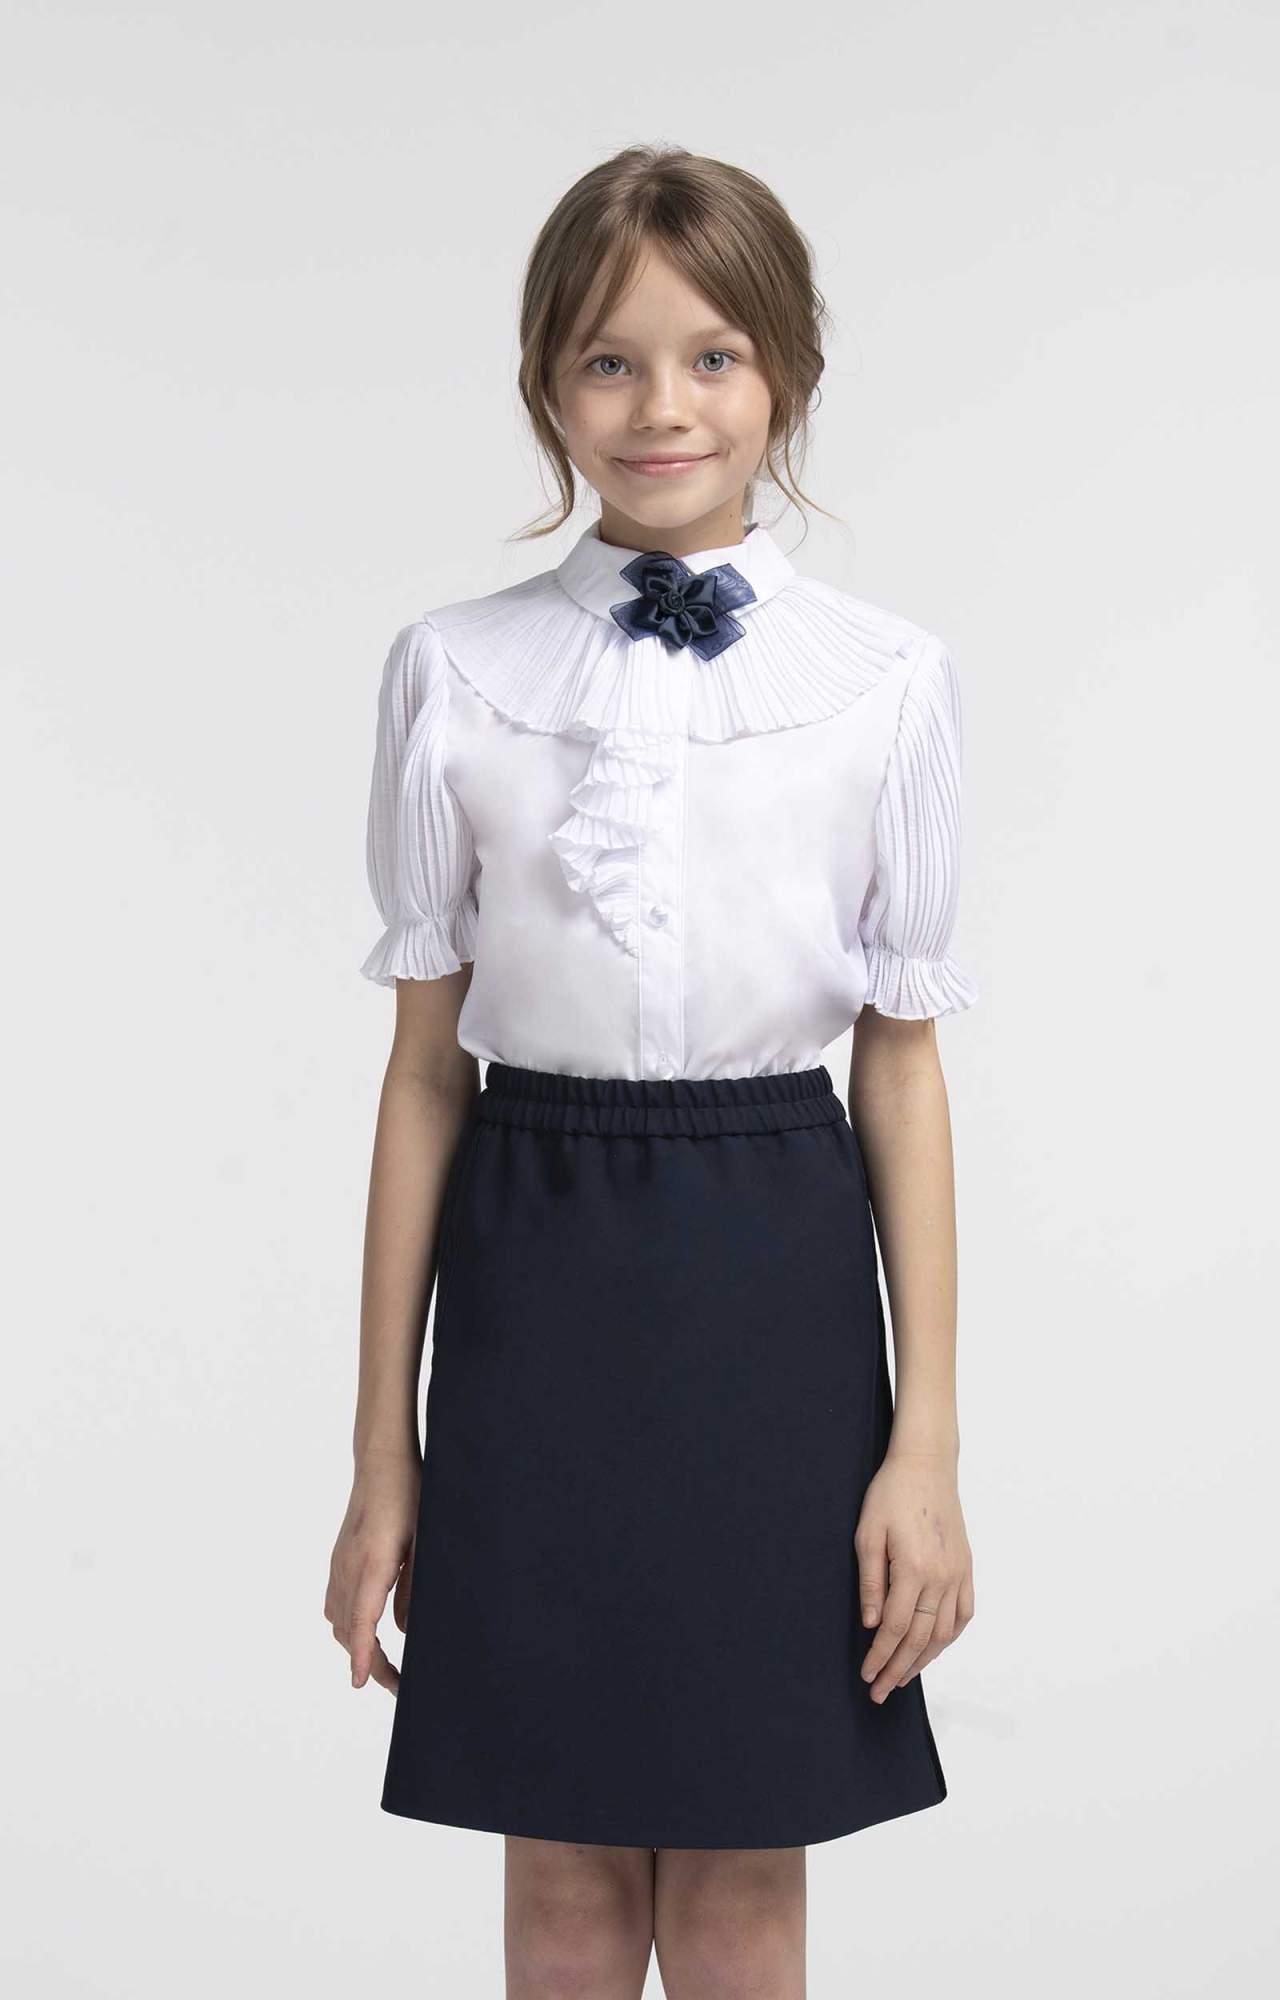 Блузка для девочек SMENA цв.белый SCH19-19019B012.01-g-00 р.152/76